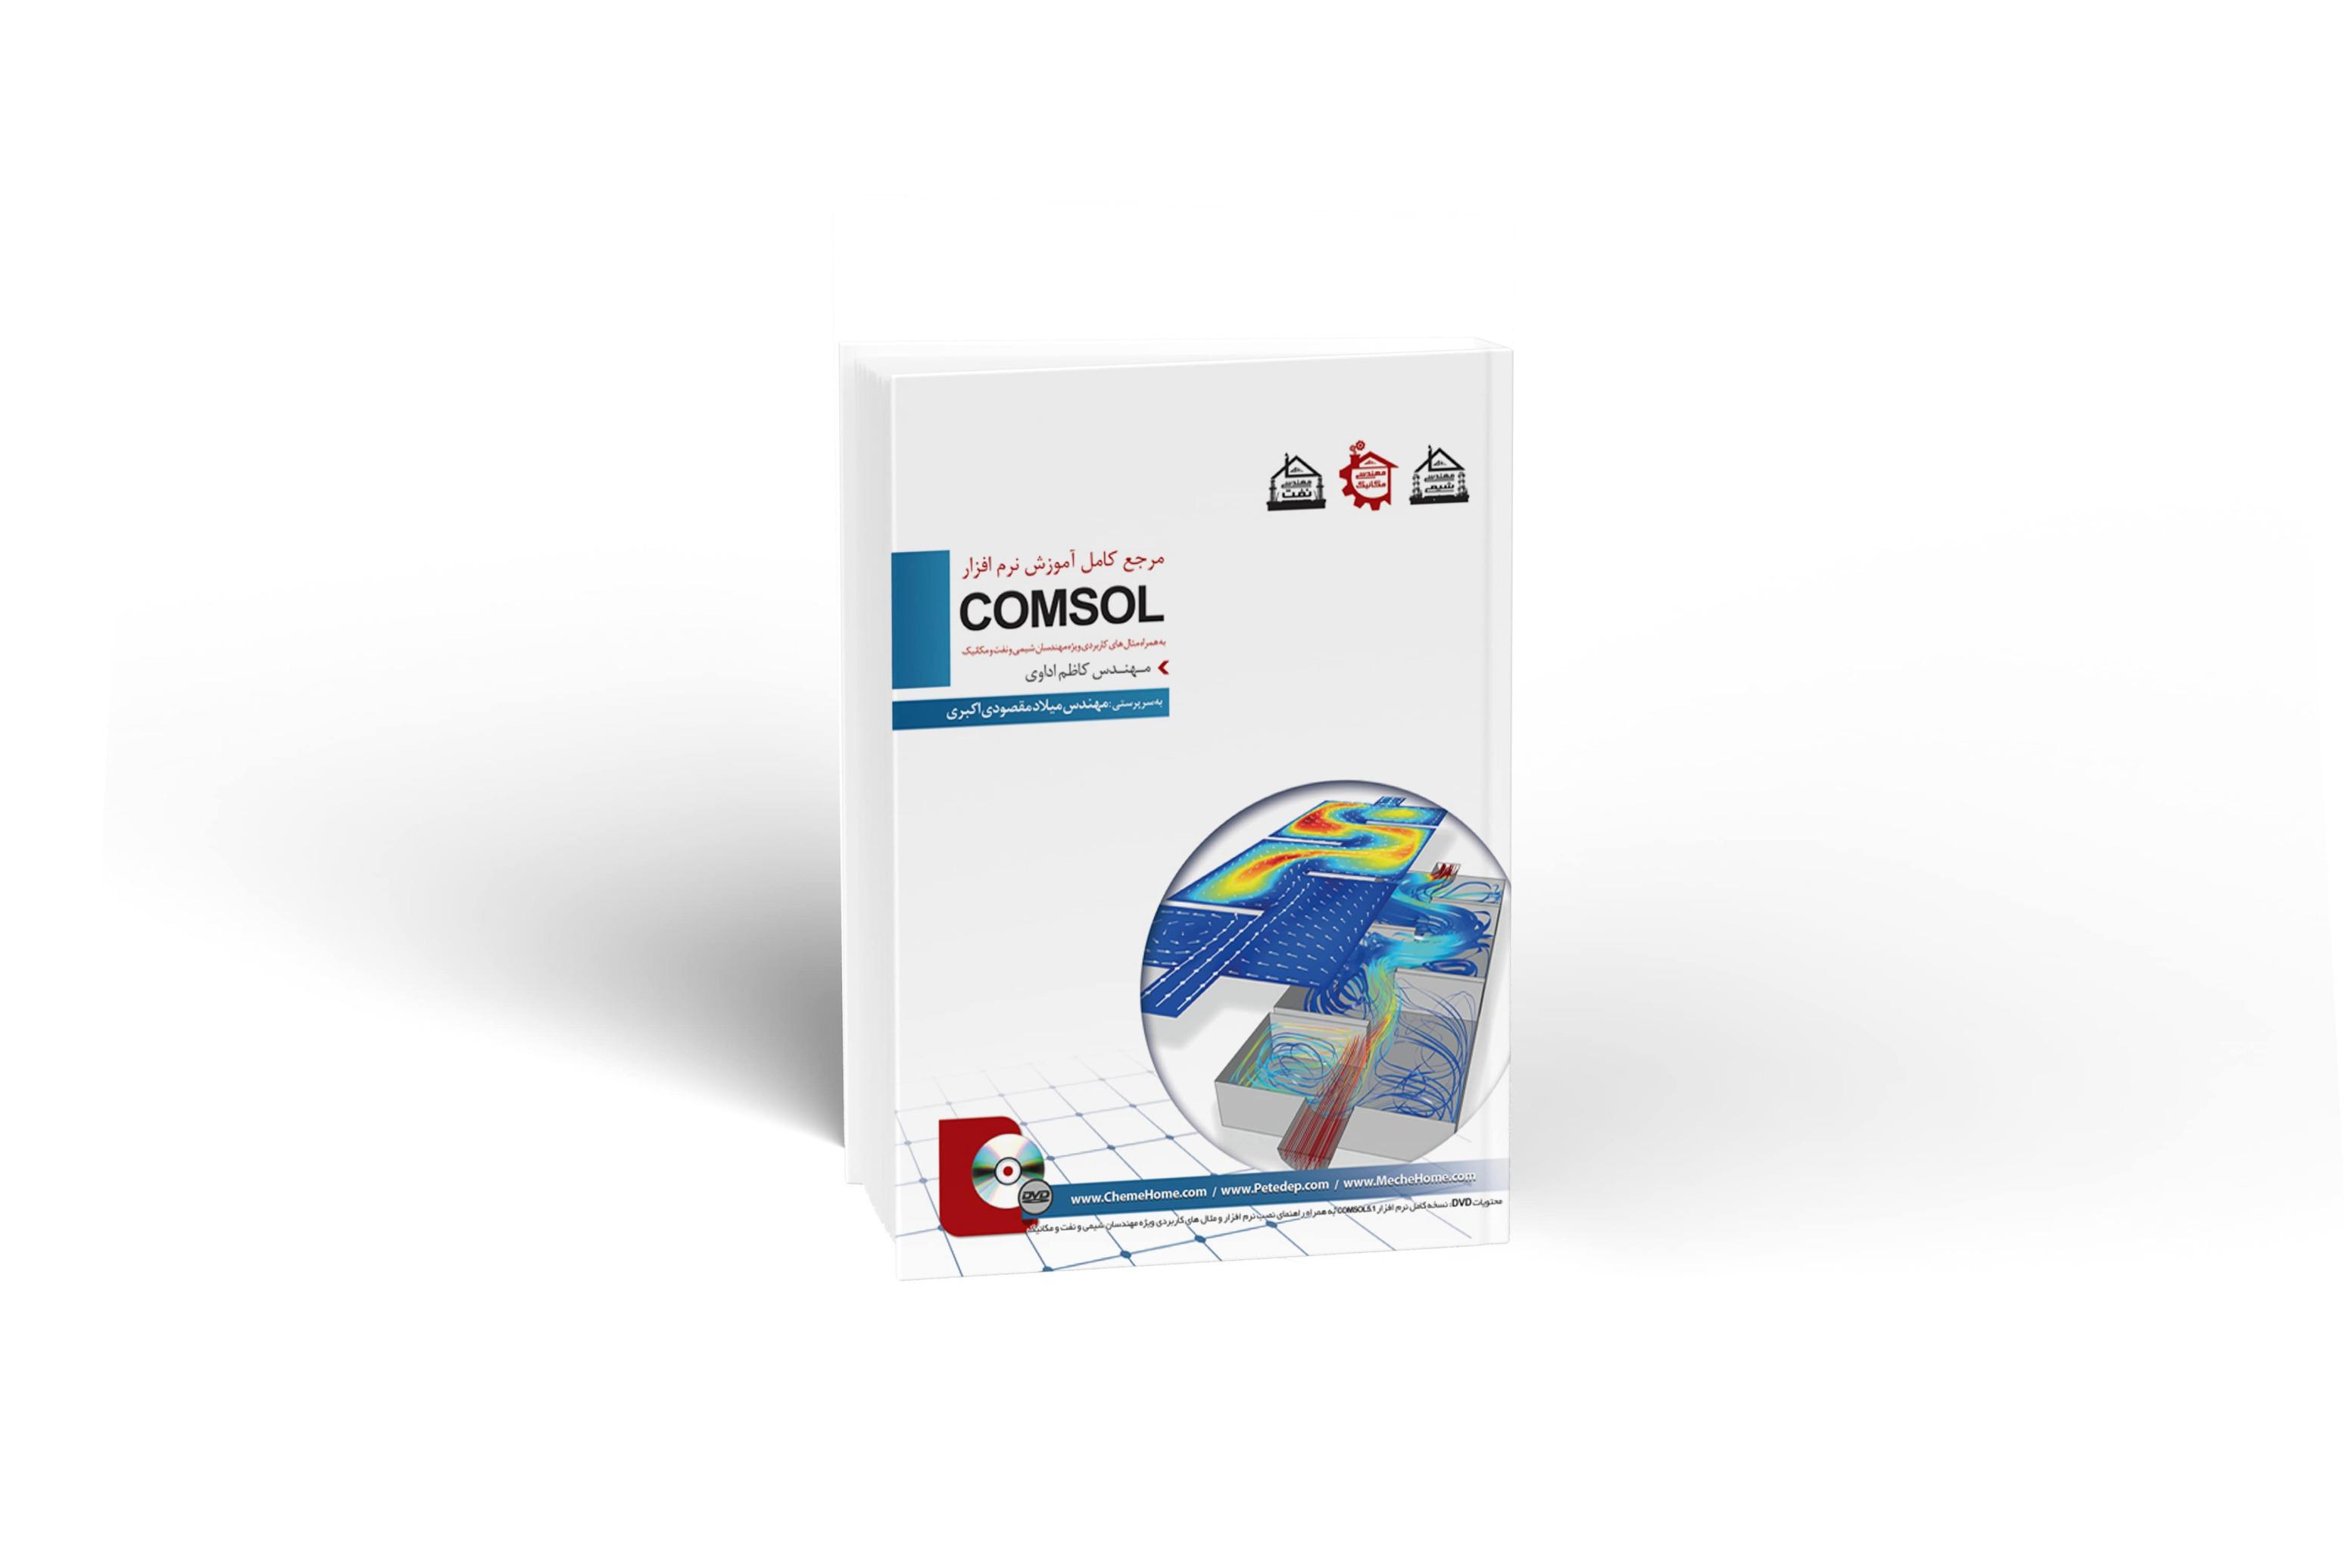 مرجع آموزشی نرم افزار COMSOL